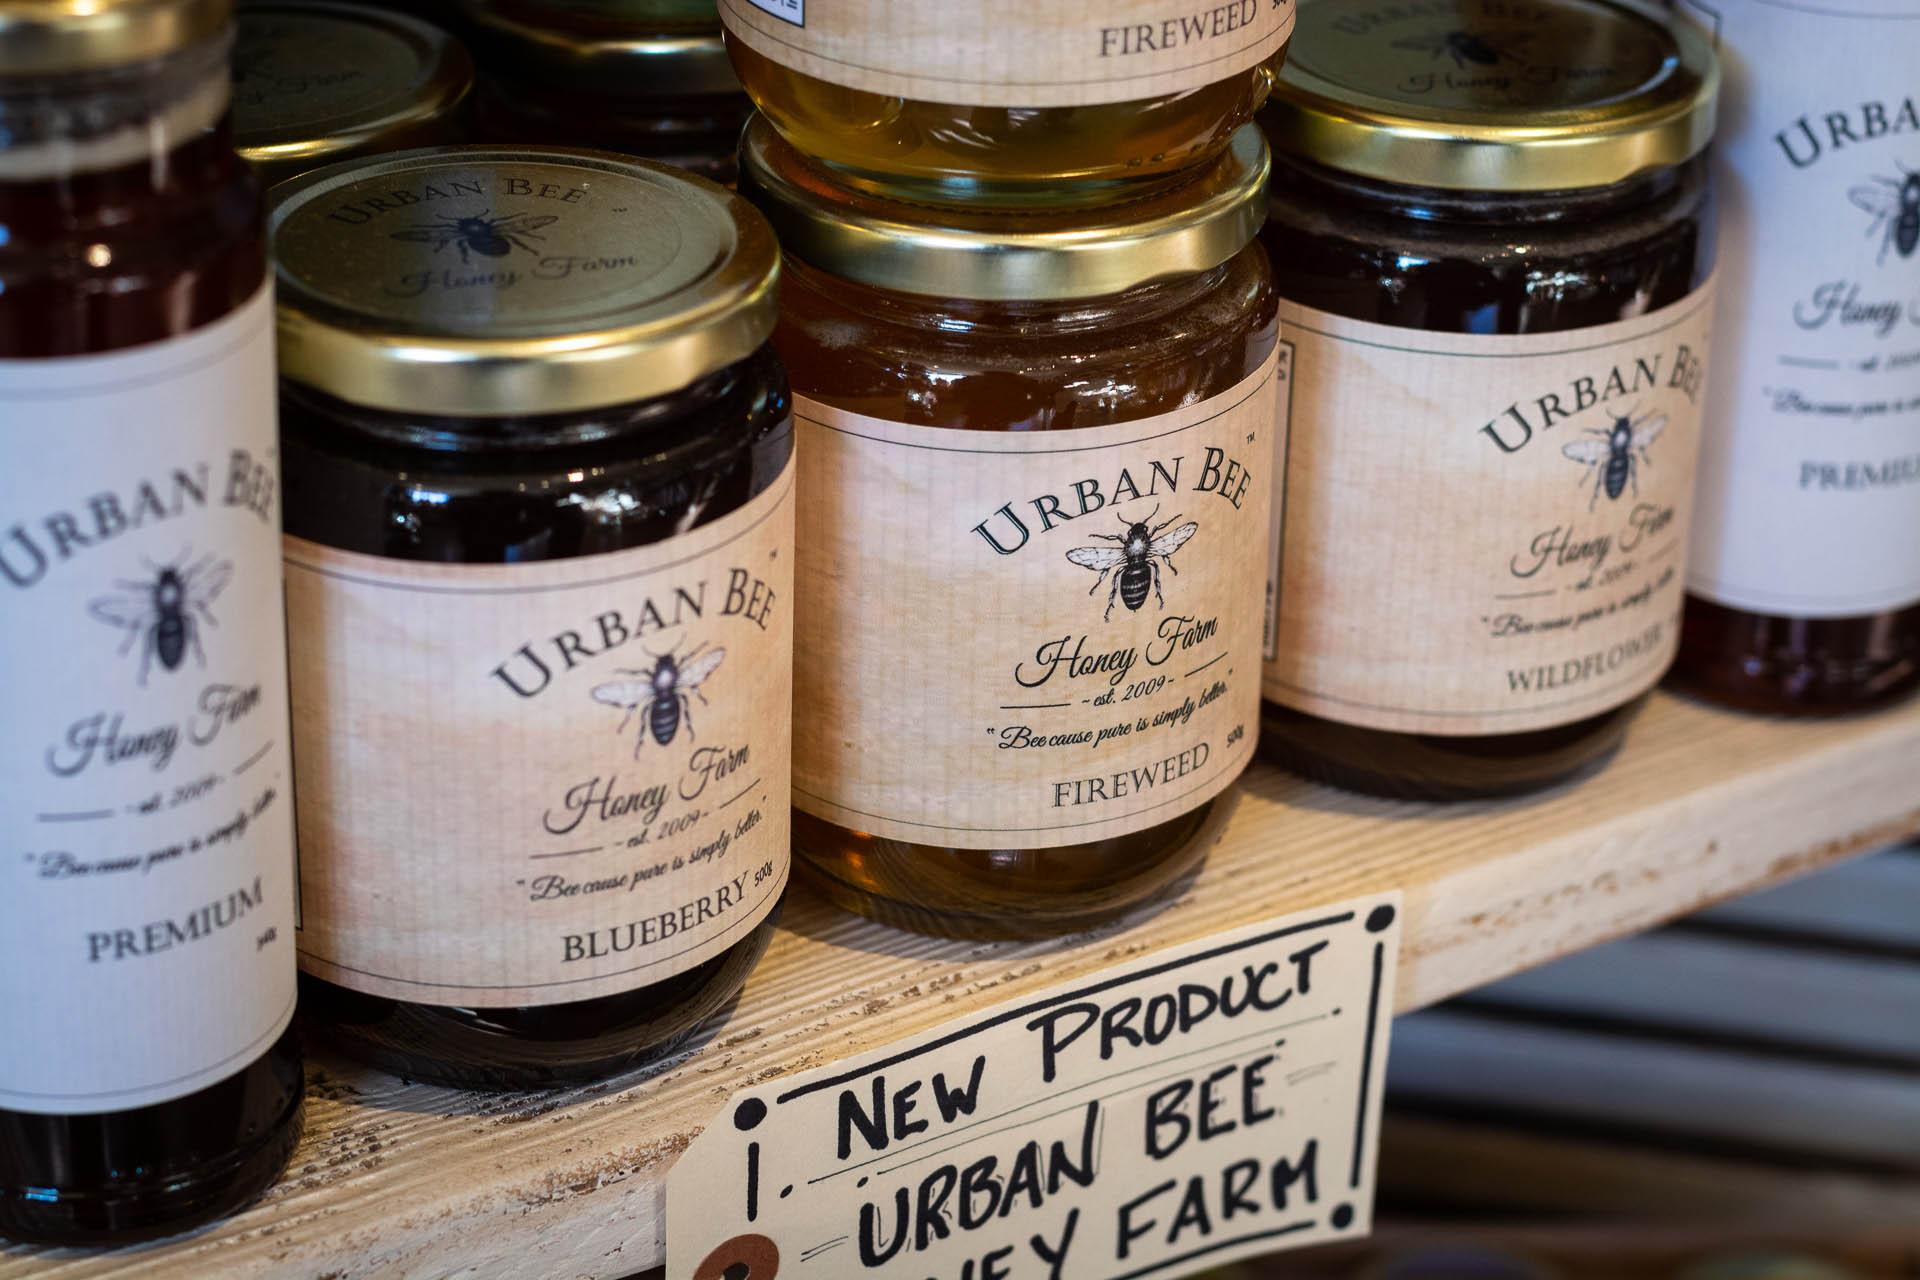 Country Bee Honey Farm